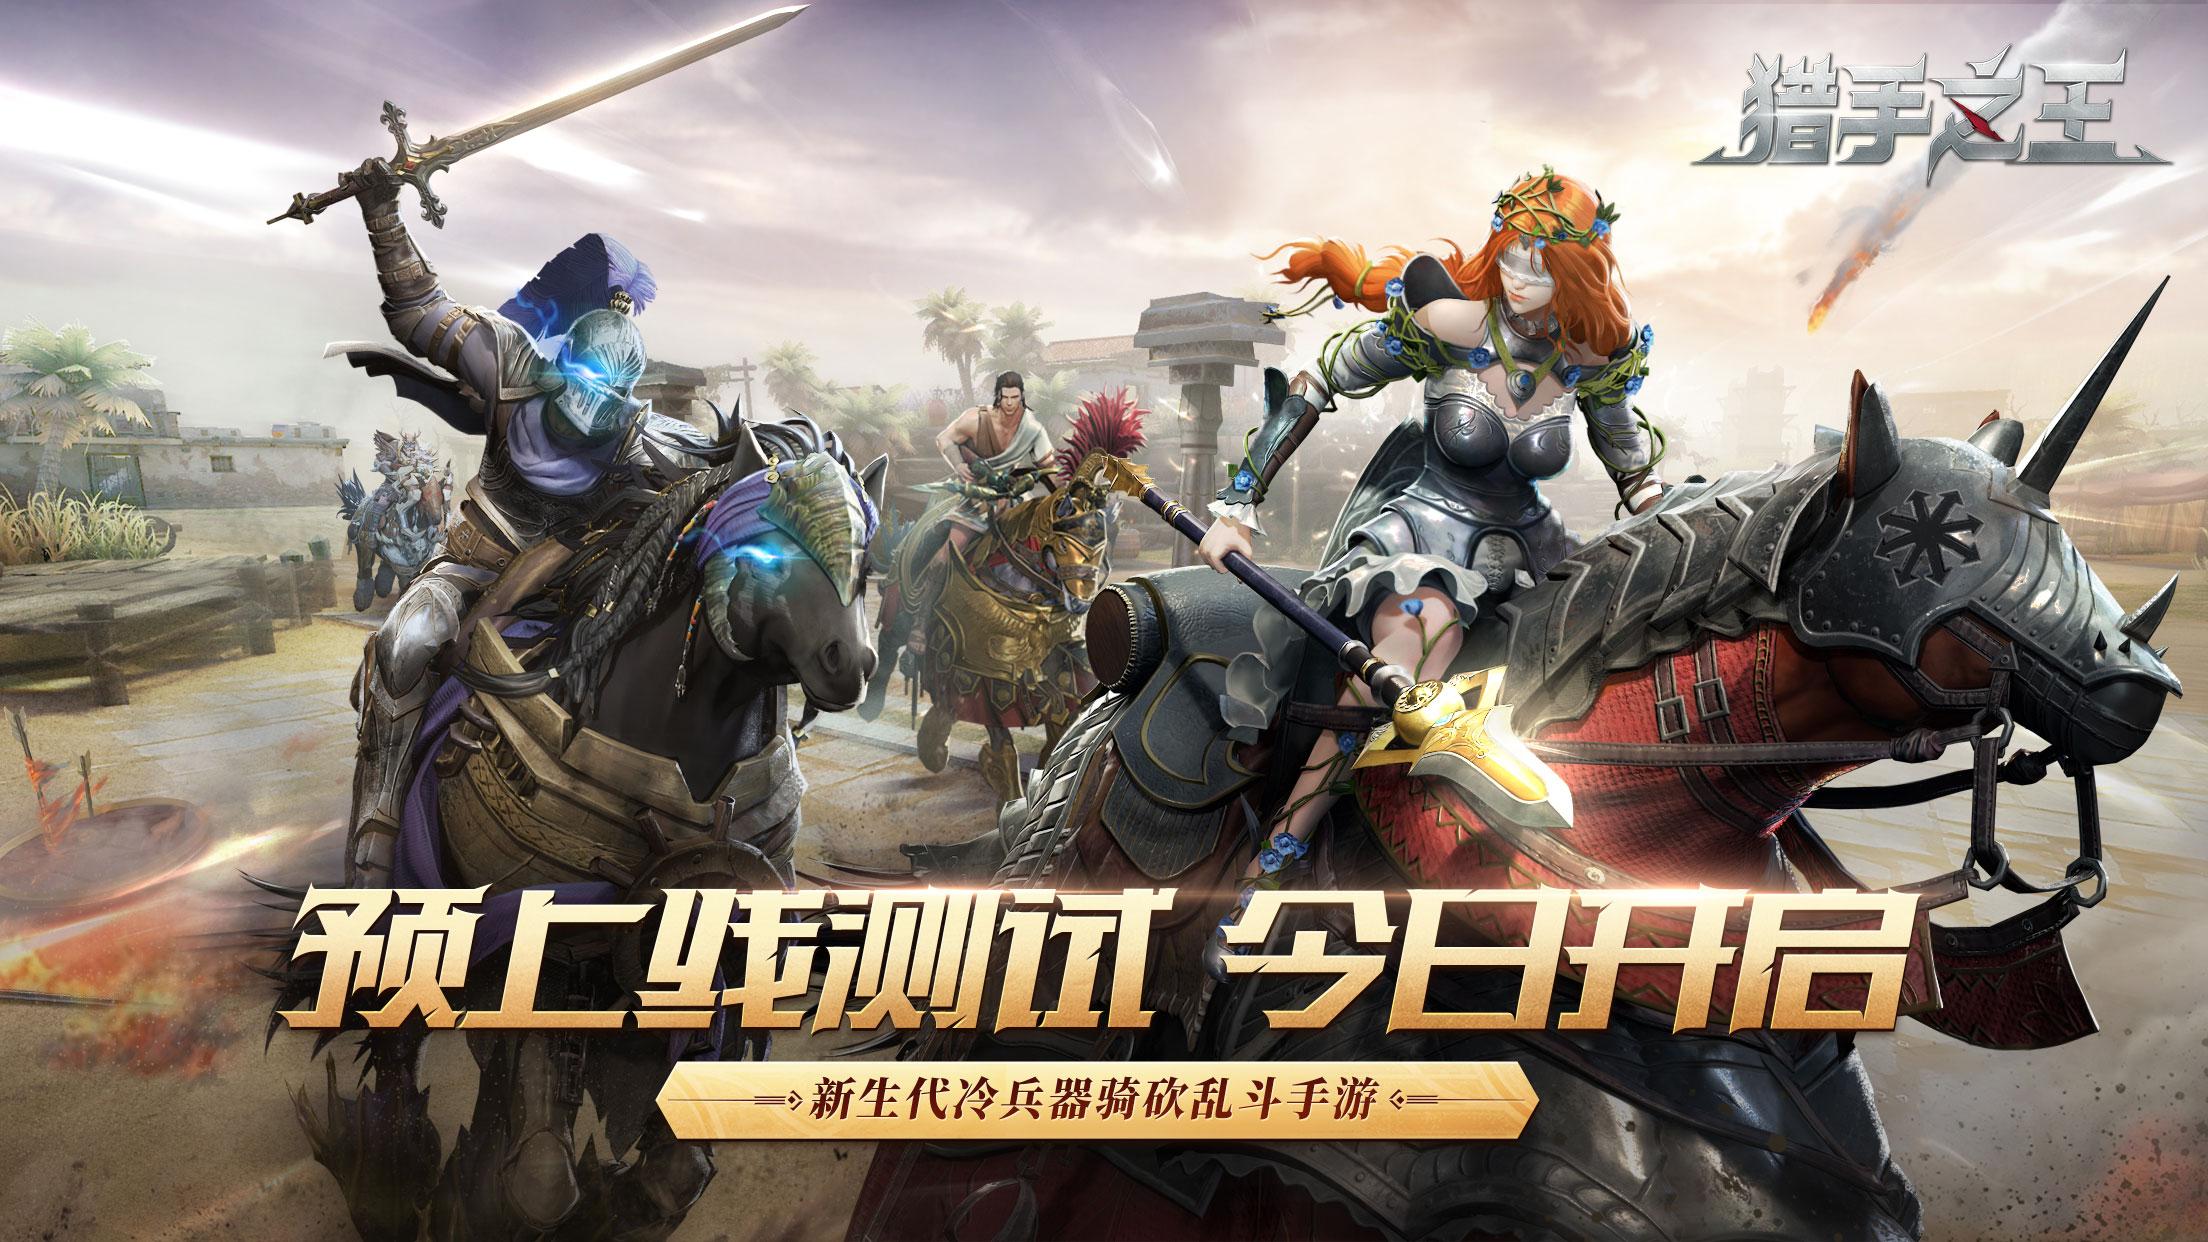 骑砍新游黑马 《猎手之王》预上线付费测试今日开战!